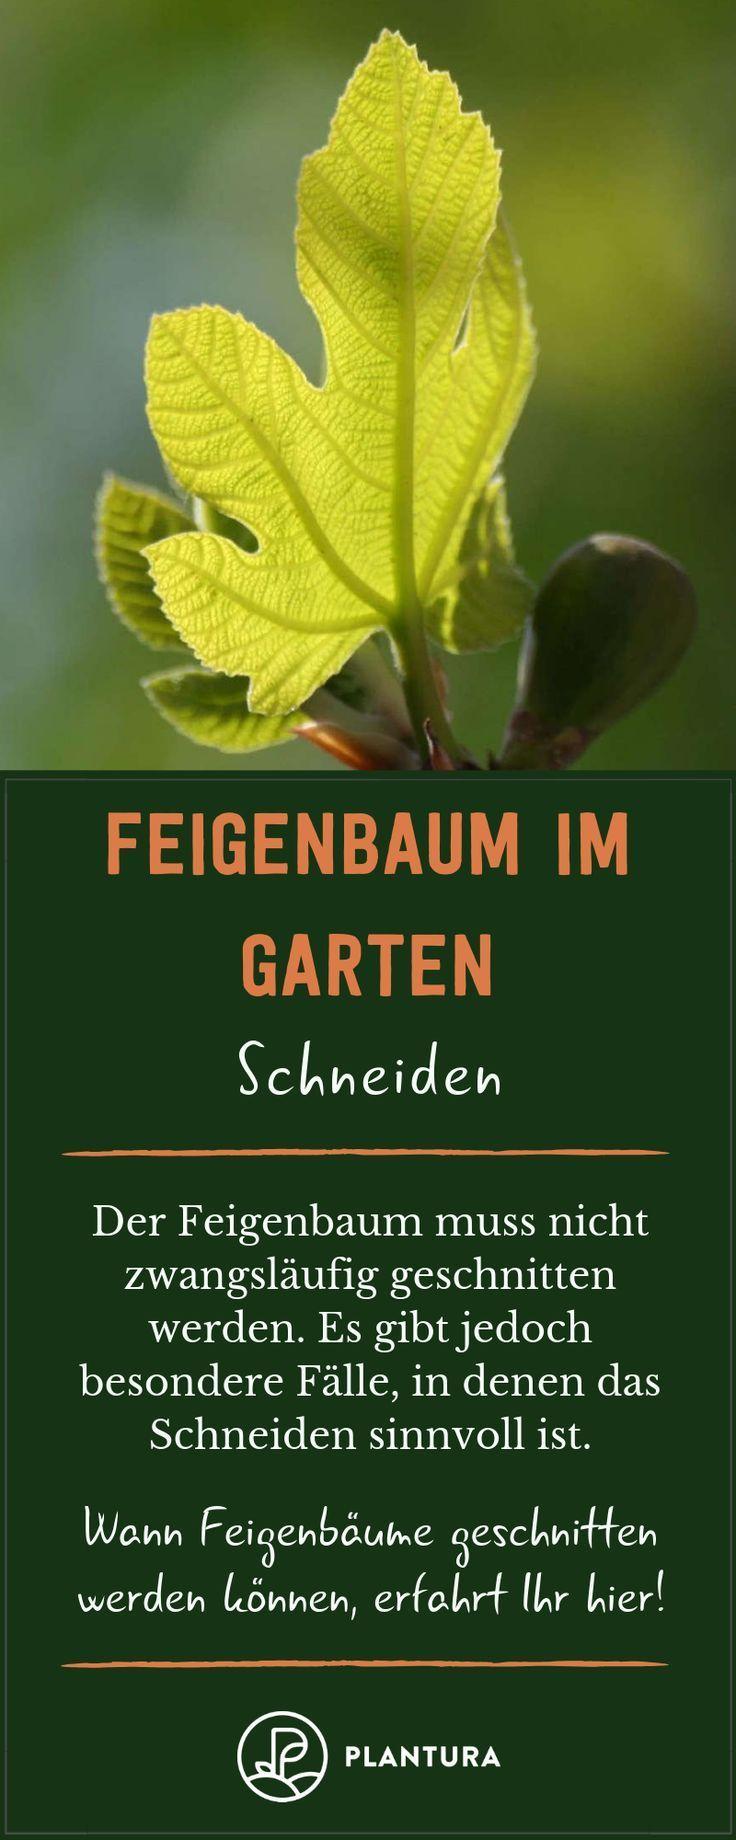 Feigenbaum Alles Was Man Zur Feige Im Garten Wissen Muss Feigenbaum Feigenbaum Pflanzen Feigen